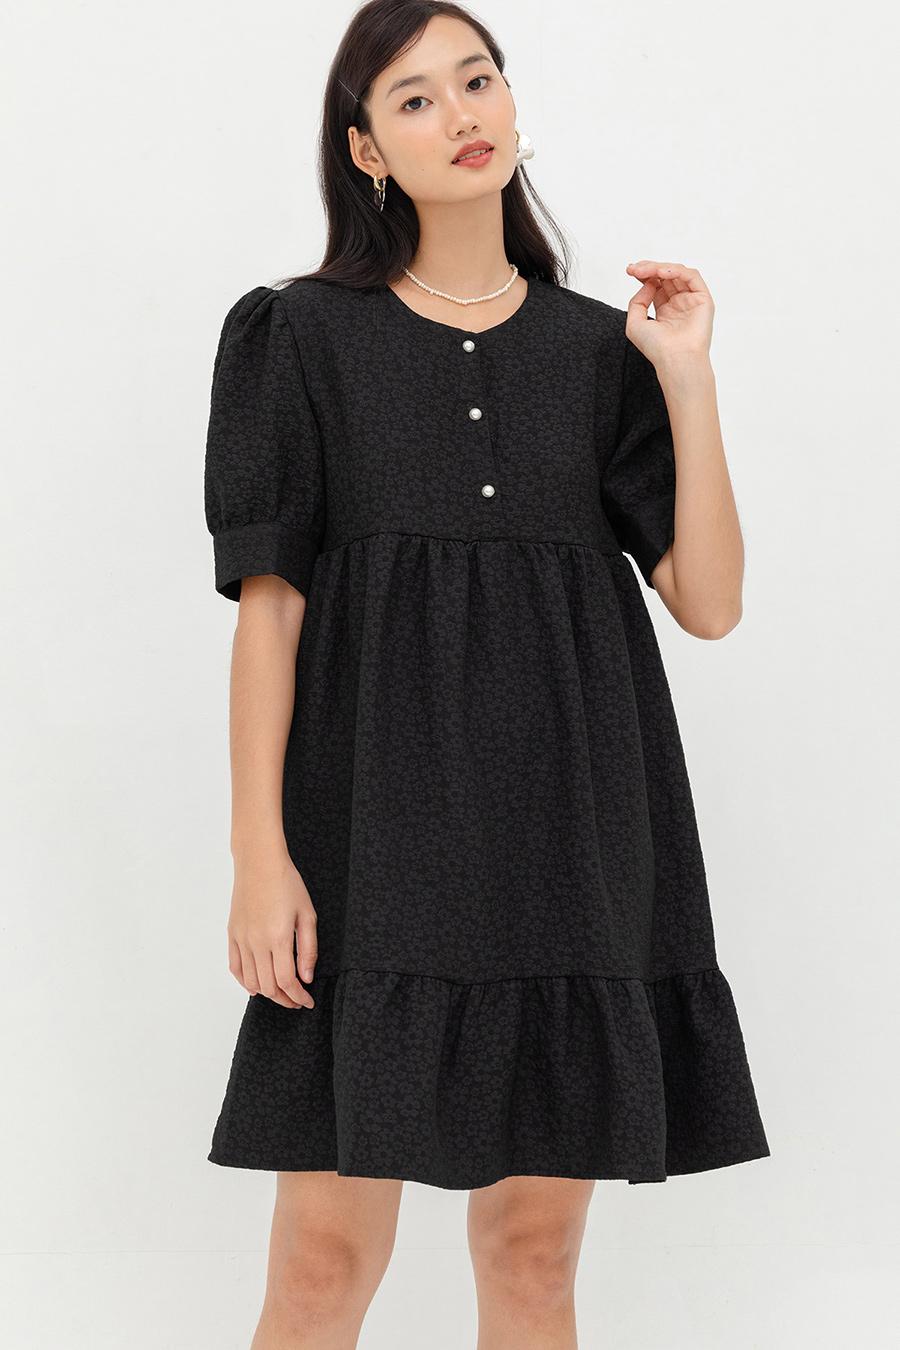 HAMBLIN DRESS - NOIR